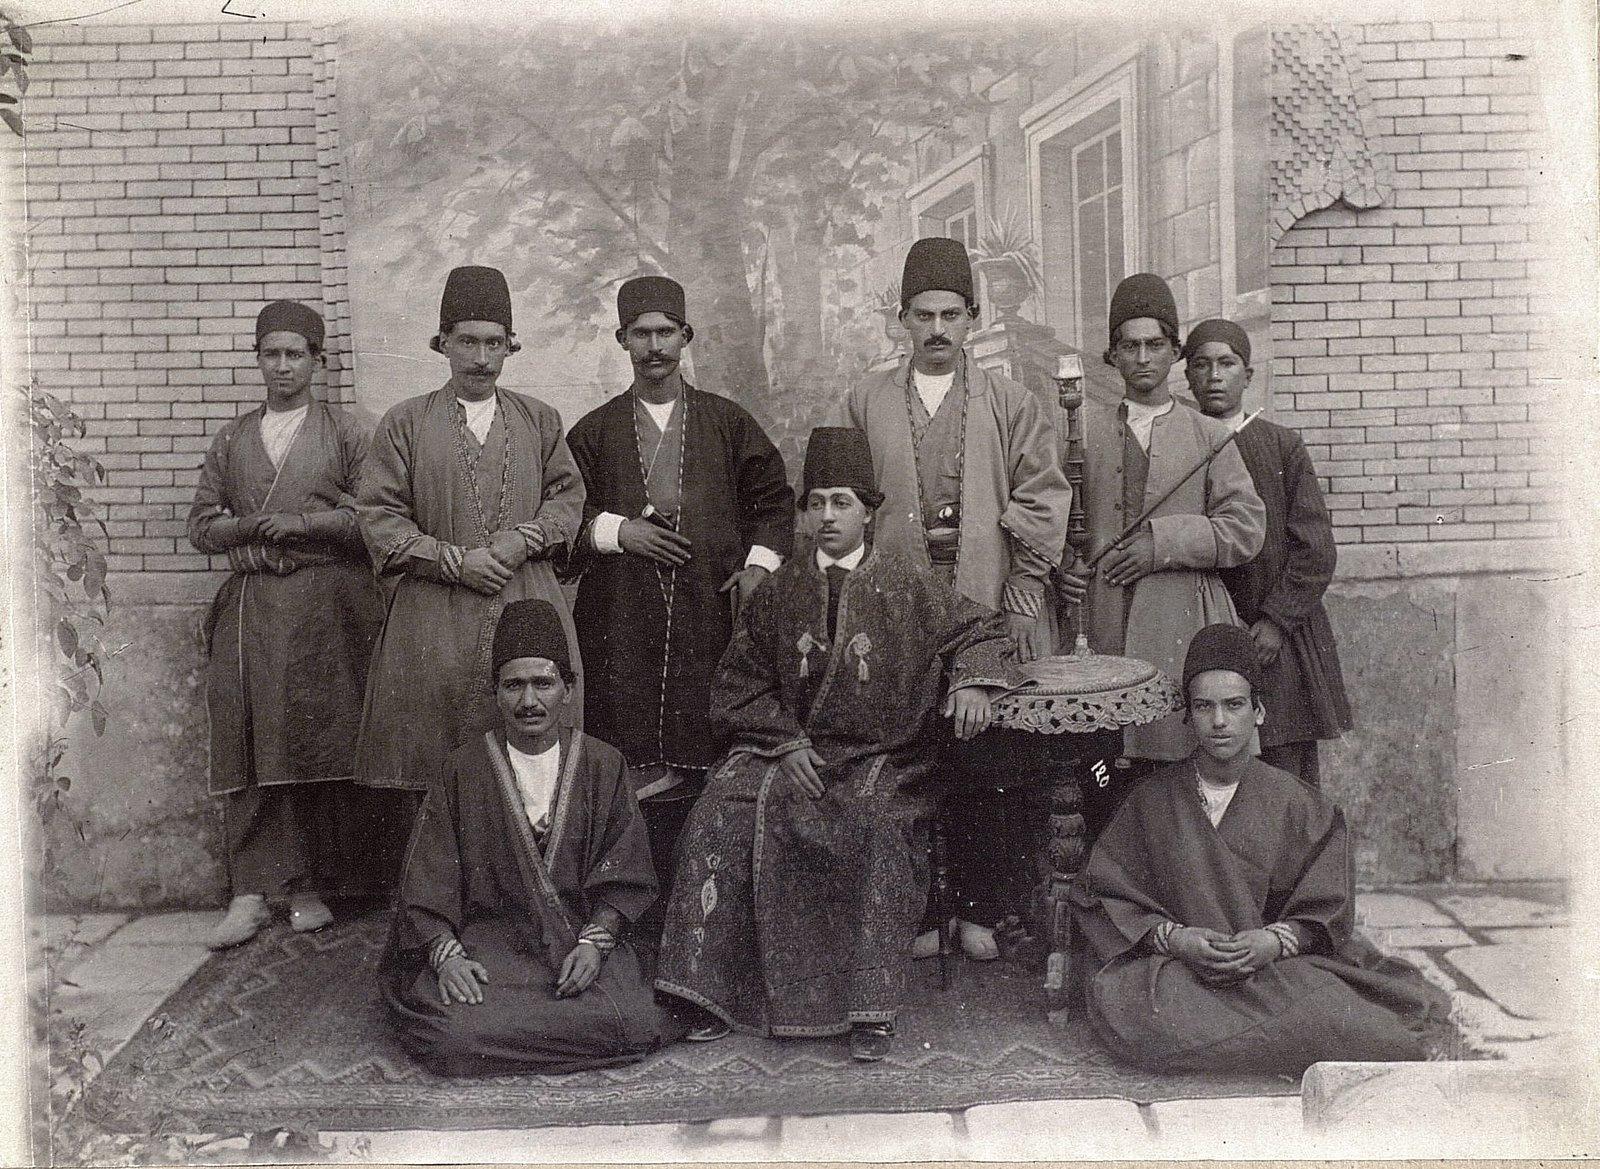 Сын каваша (коменданта) в Ширазе с сопровождением